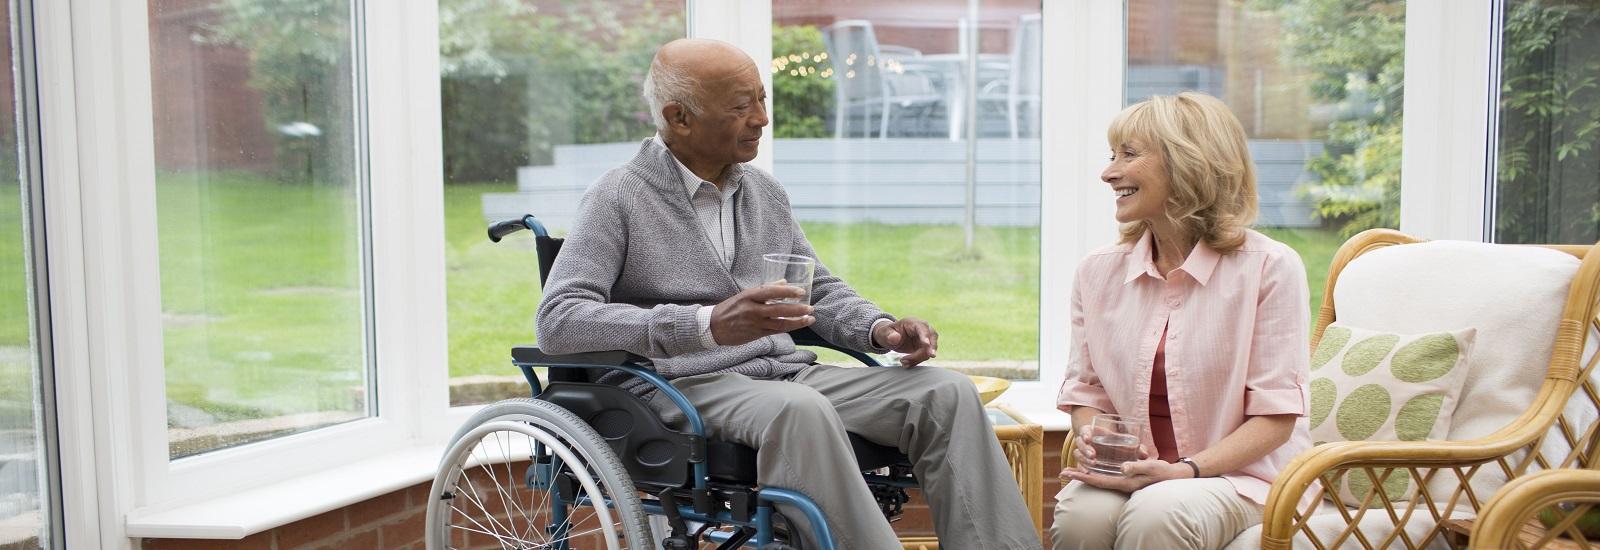 Mechanický invalidní vozíky Action 1 R